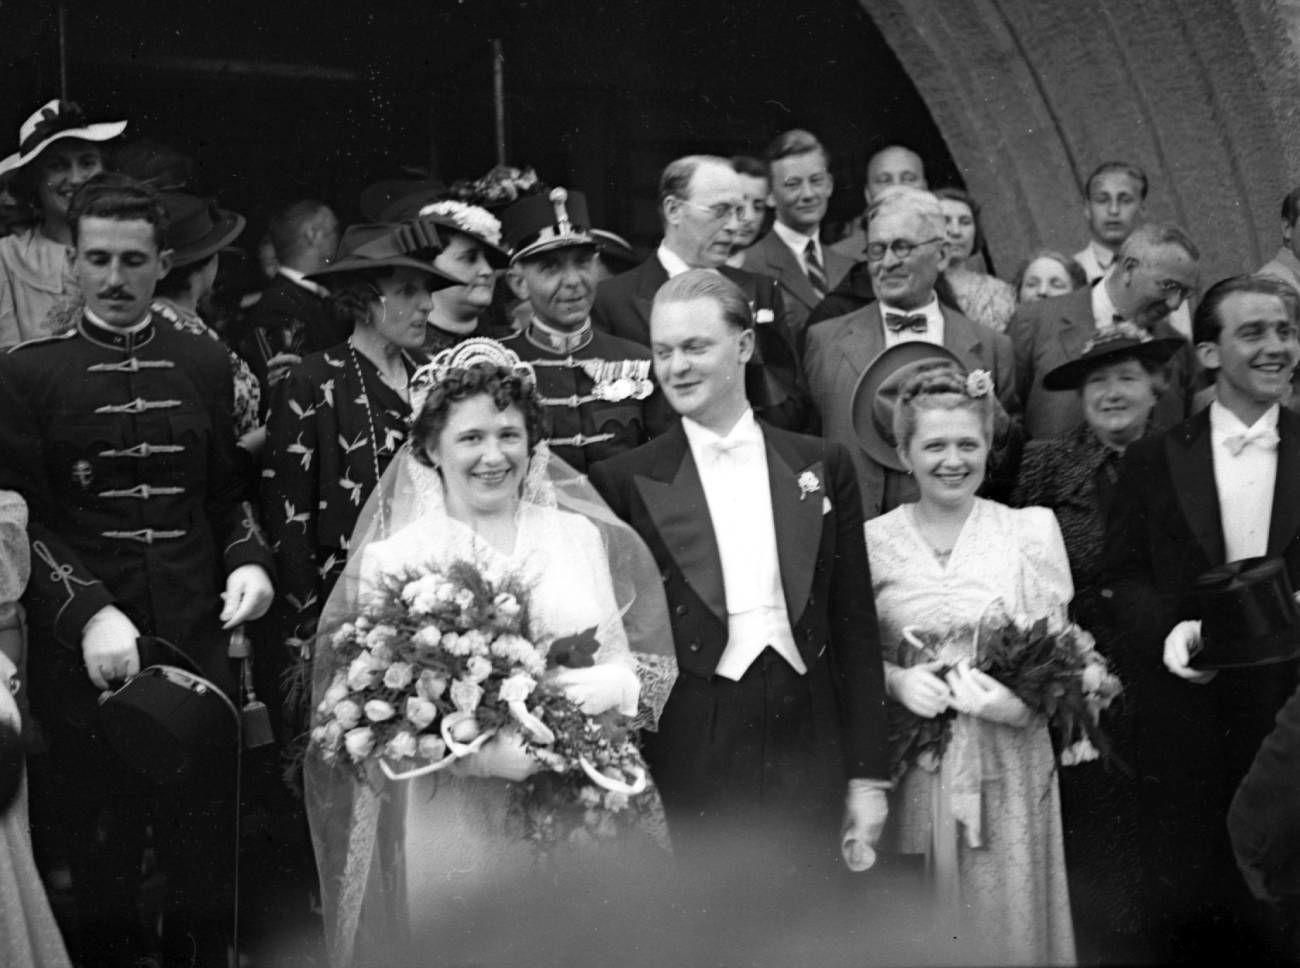 Esküvő 1939-ben